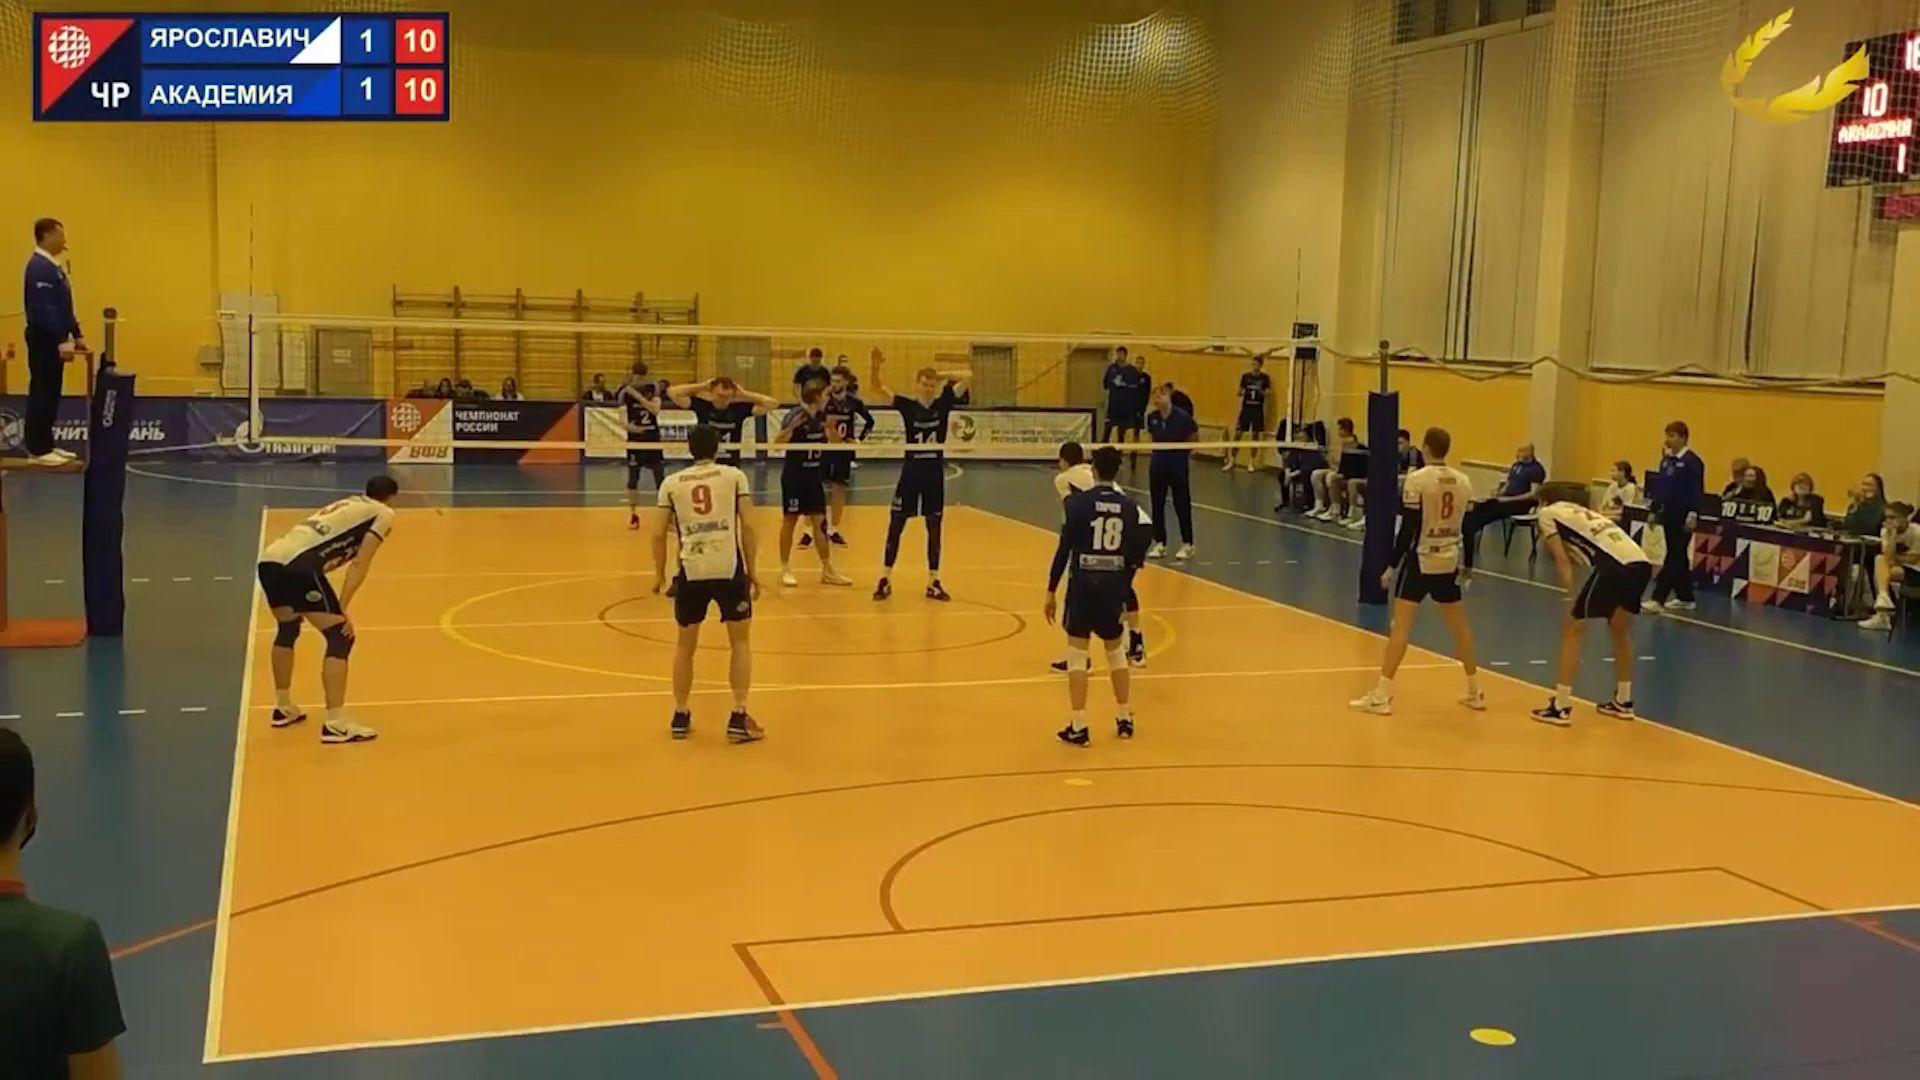 «Ярославич» выиграл Западную зону на первом этапе чемпионата Высшей лиги «А»